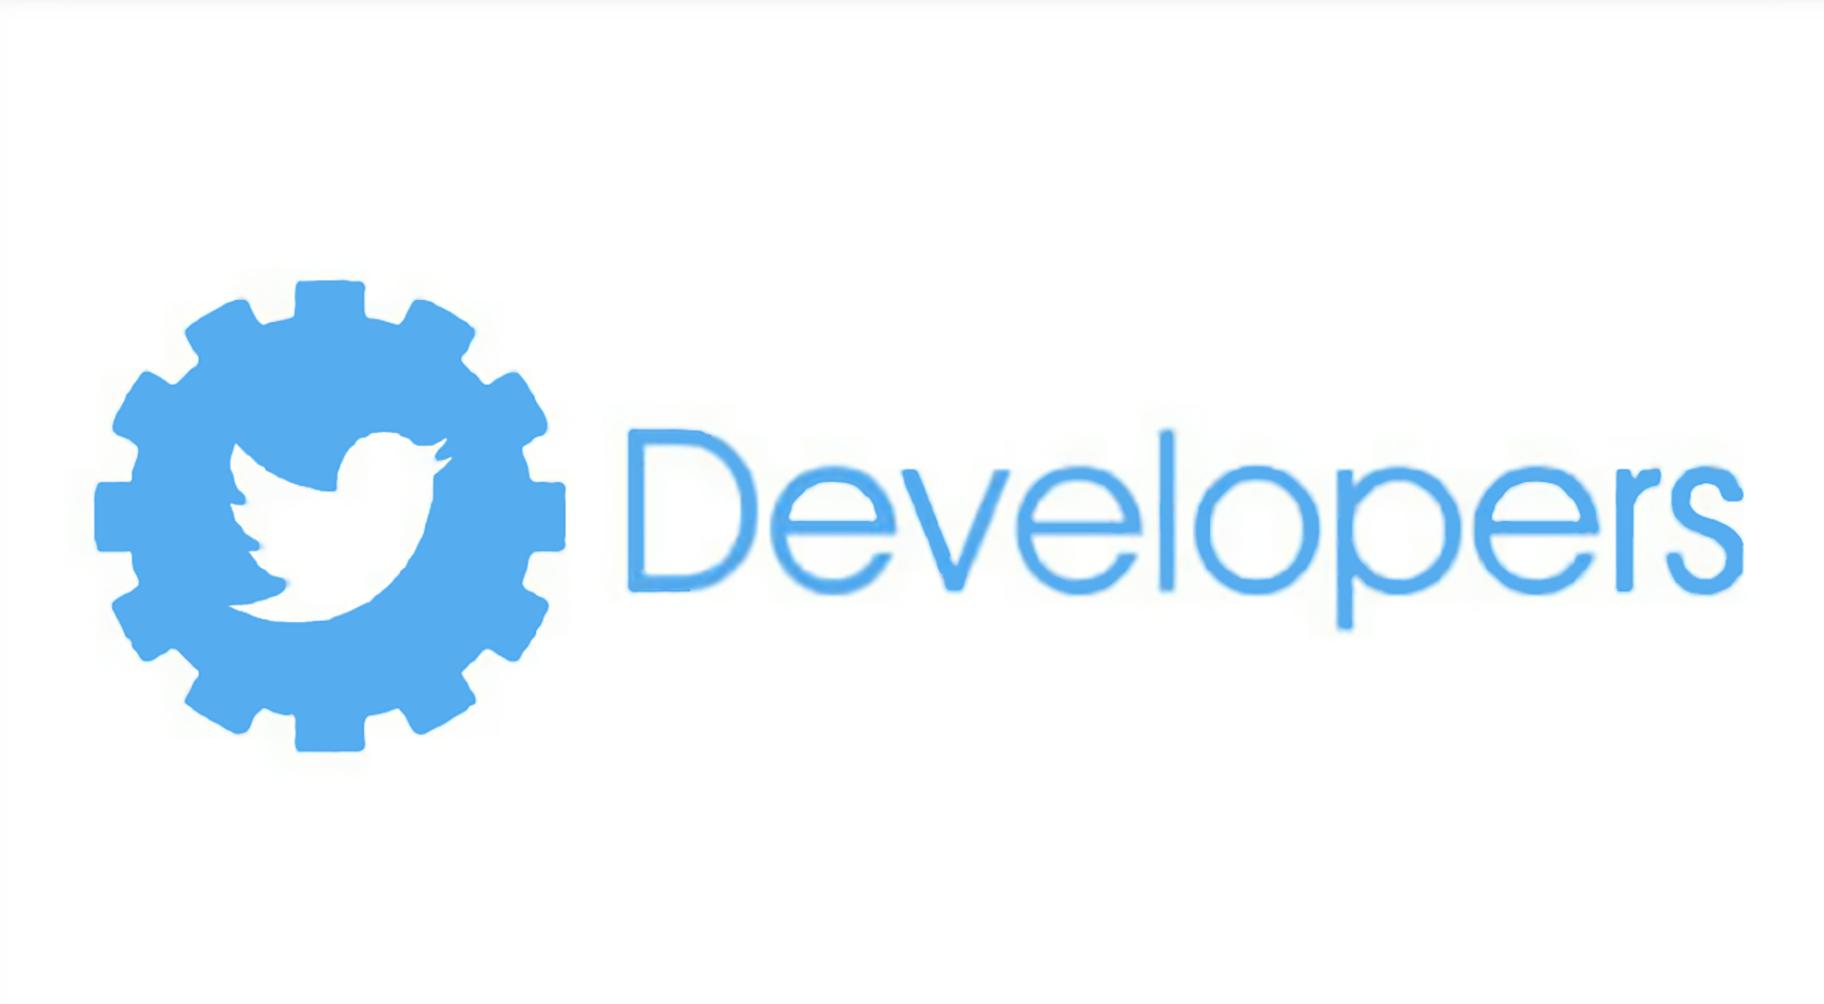 Python】TwitterのStream APIにてデータ収集 1 - プログラミング初心者のためのpython入門講座